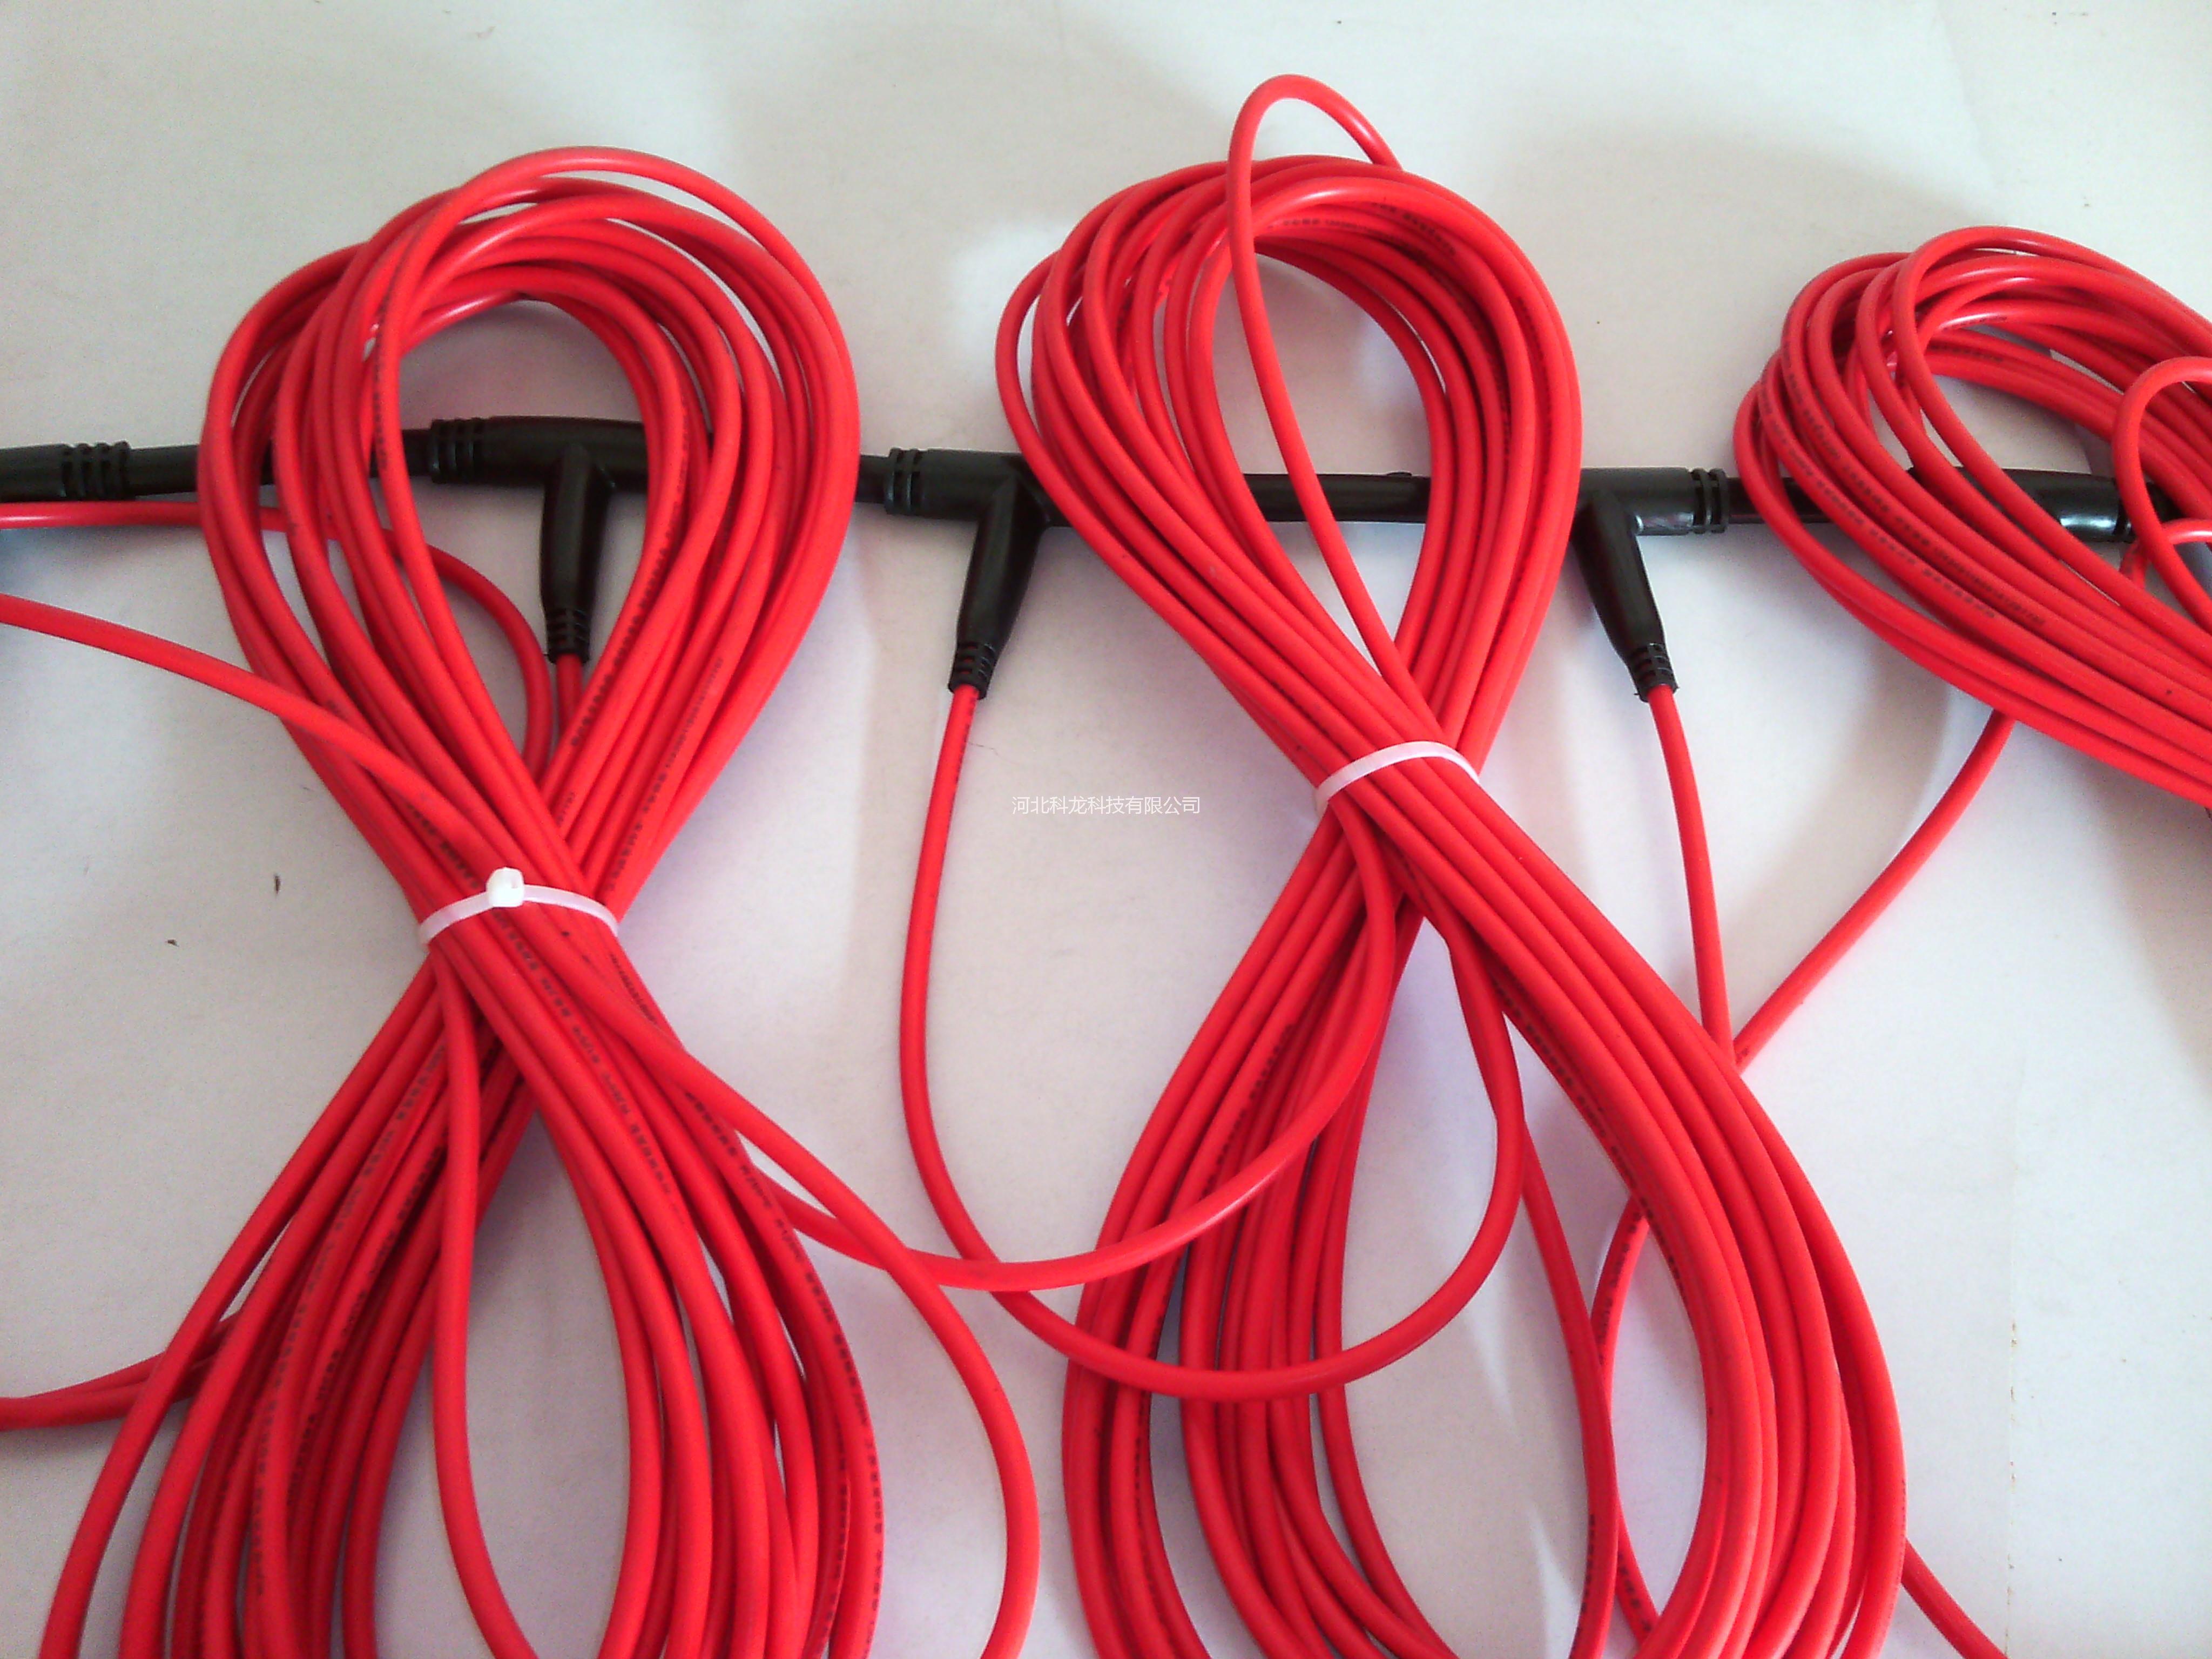 顺平县碳纤维发热电缆电地暖安装价图片/顺平县碳纤维发热电缆电地暖安装价样板图 (4)